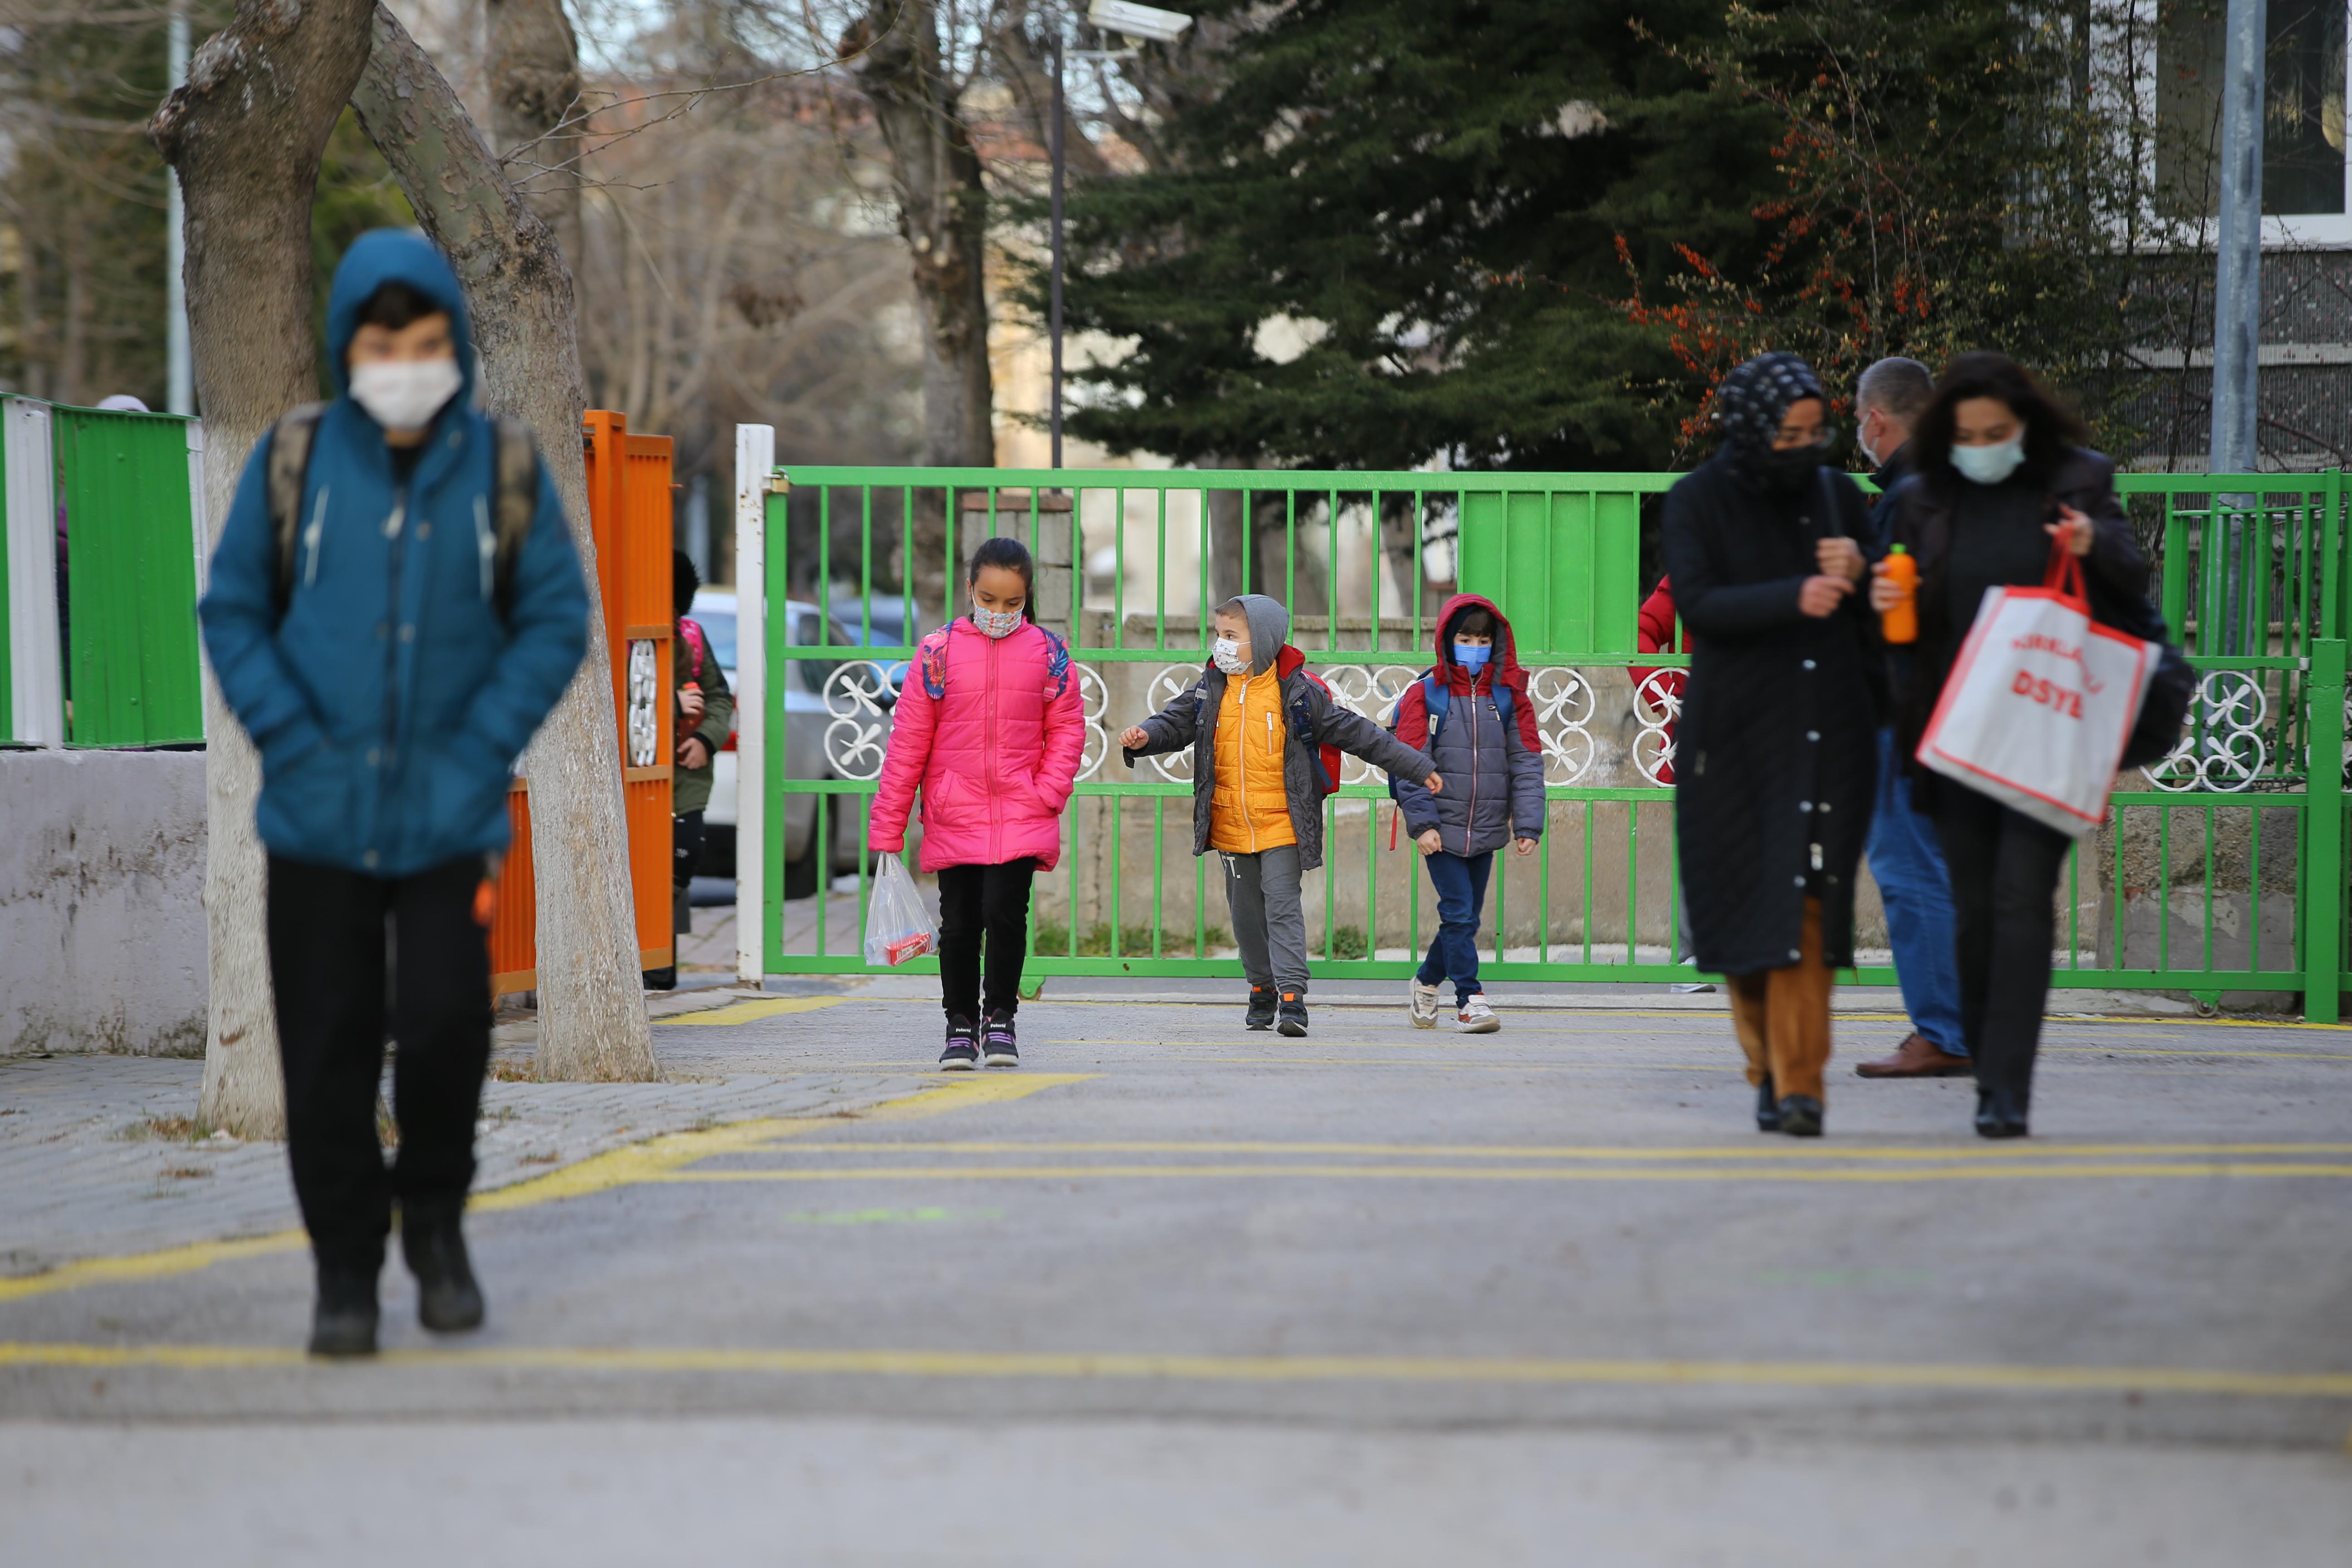 İstanbul, Ankara ve İzmir'de okullar açılıyor mu? Yüz yüze eğitim başladı mı?